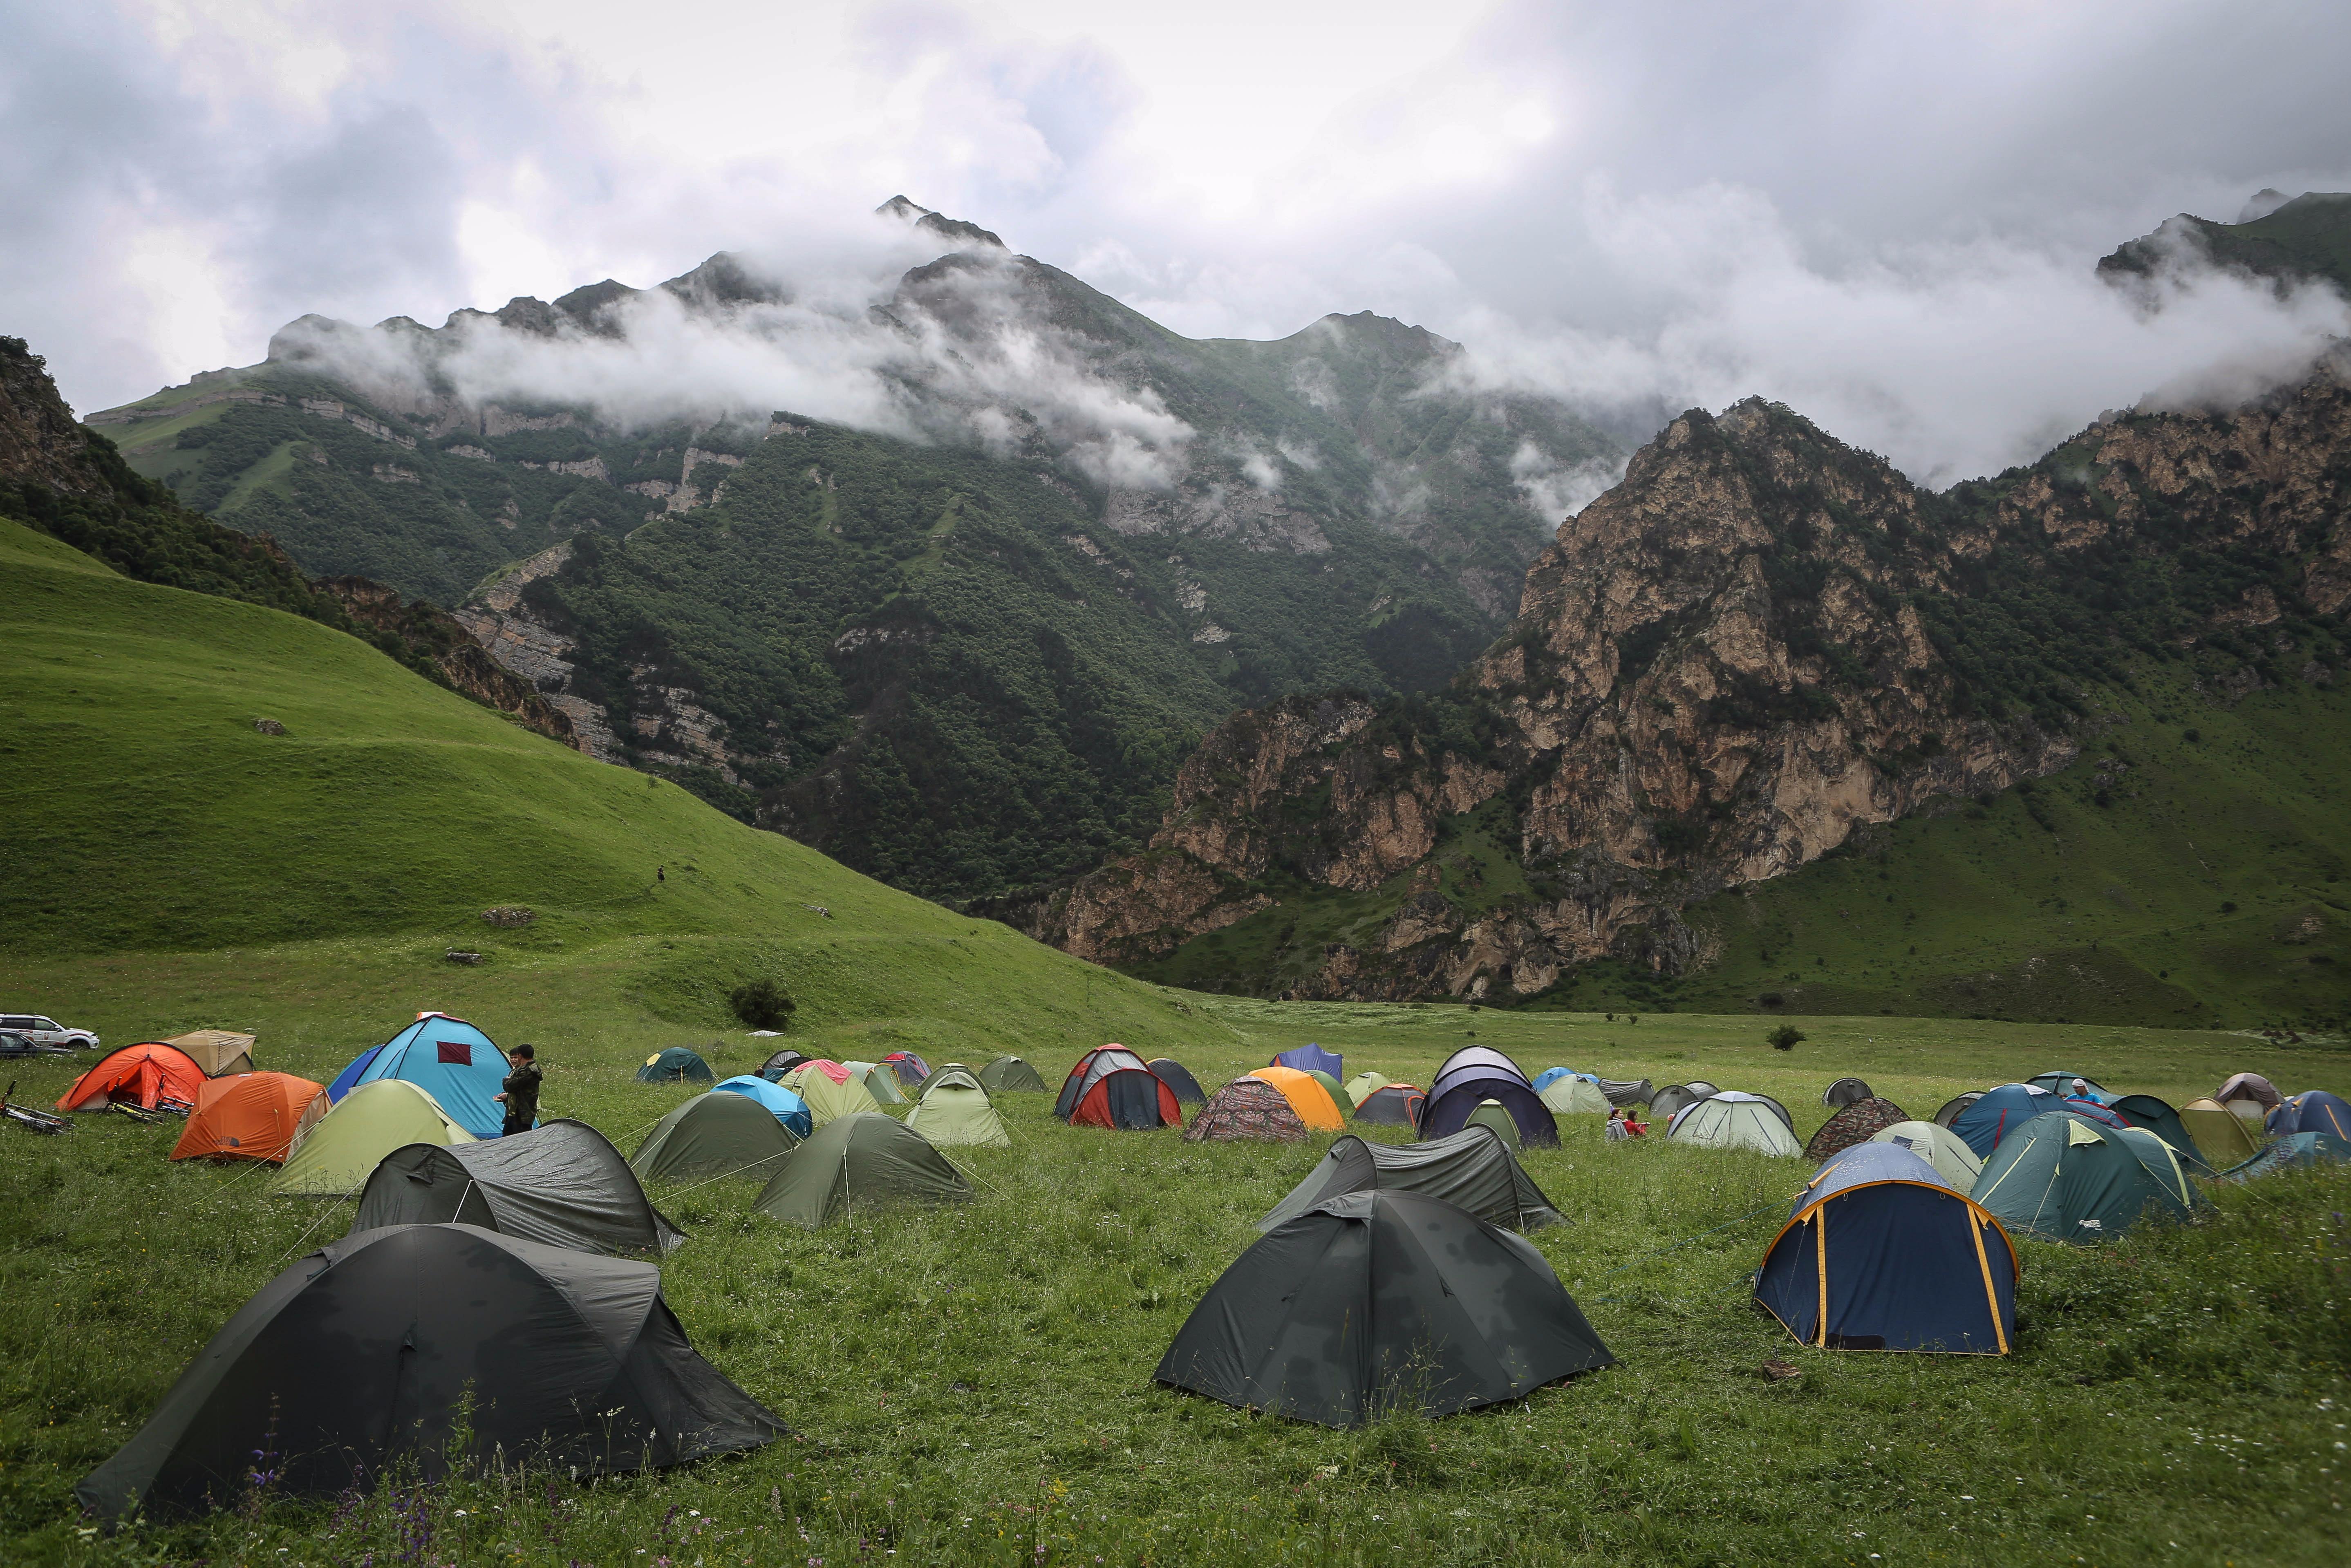 Молодежь Кабардино-Балкарии научат походной жизни в горах